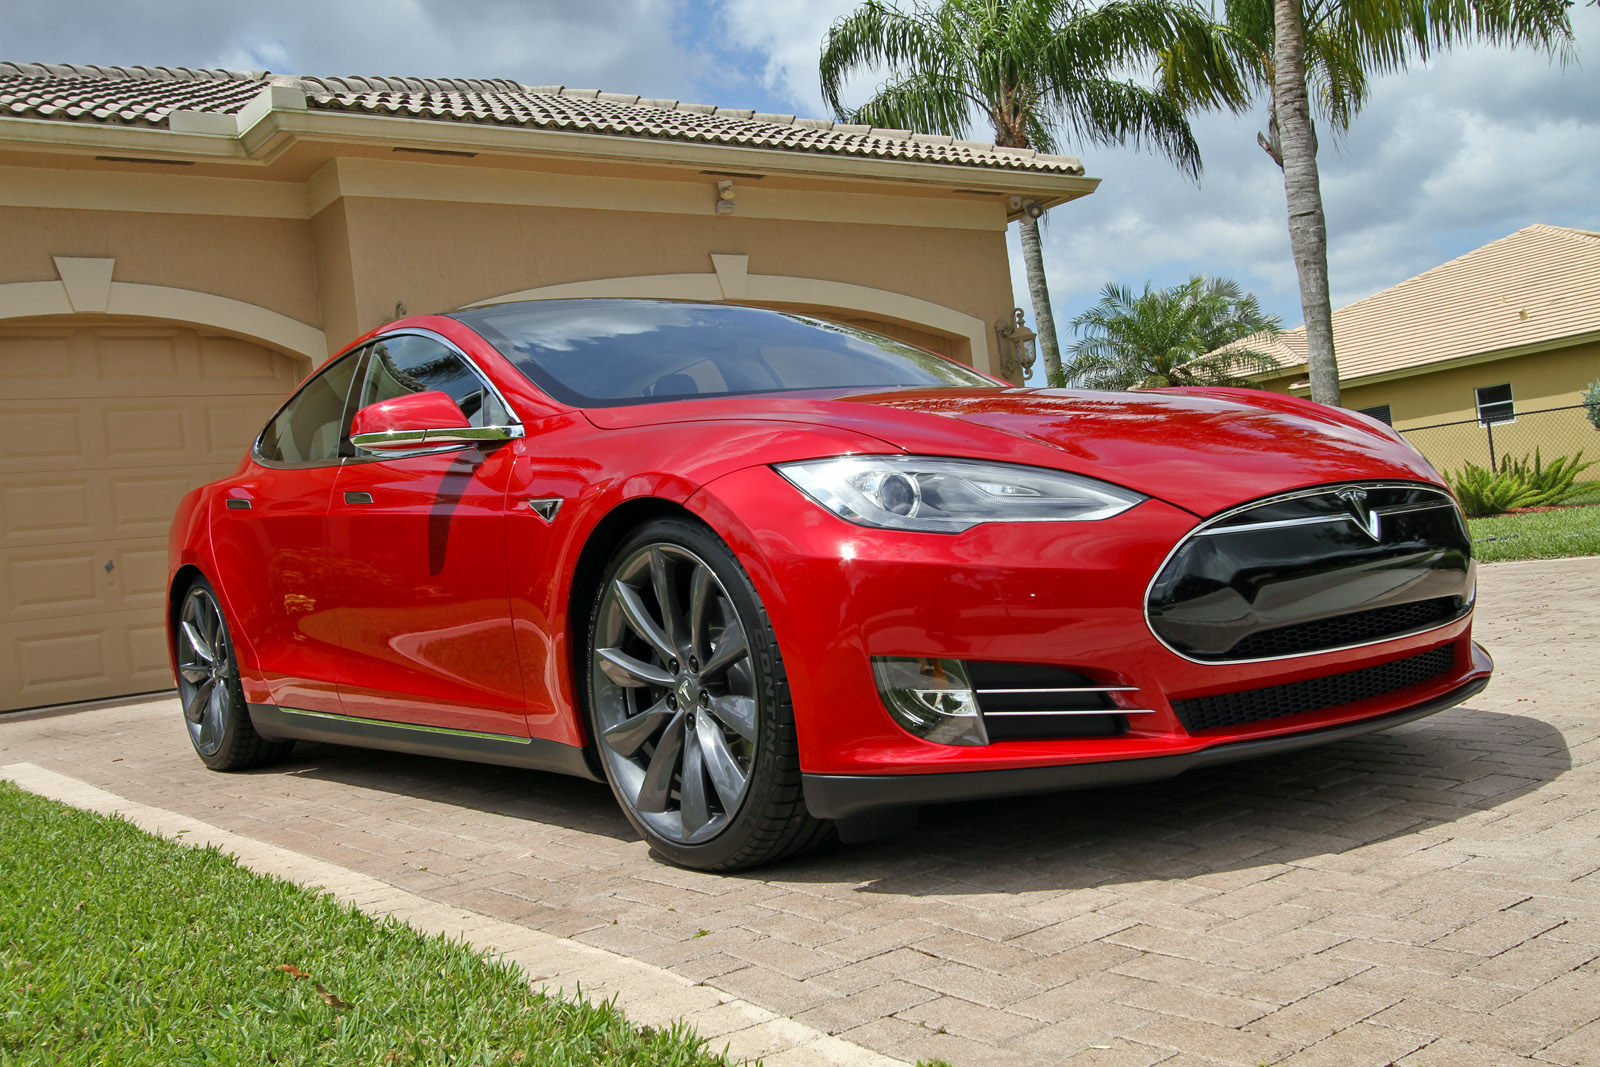 Tesla Model S Ethernet Network Explored Possible